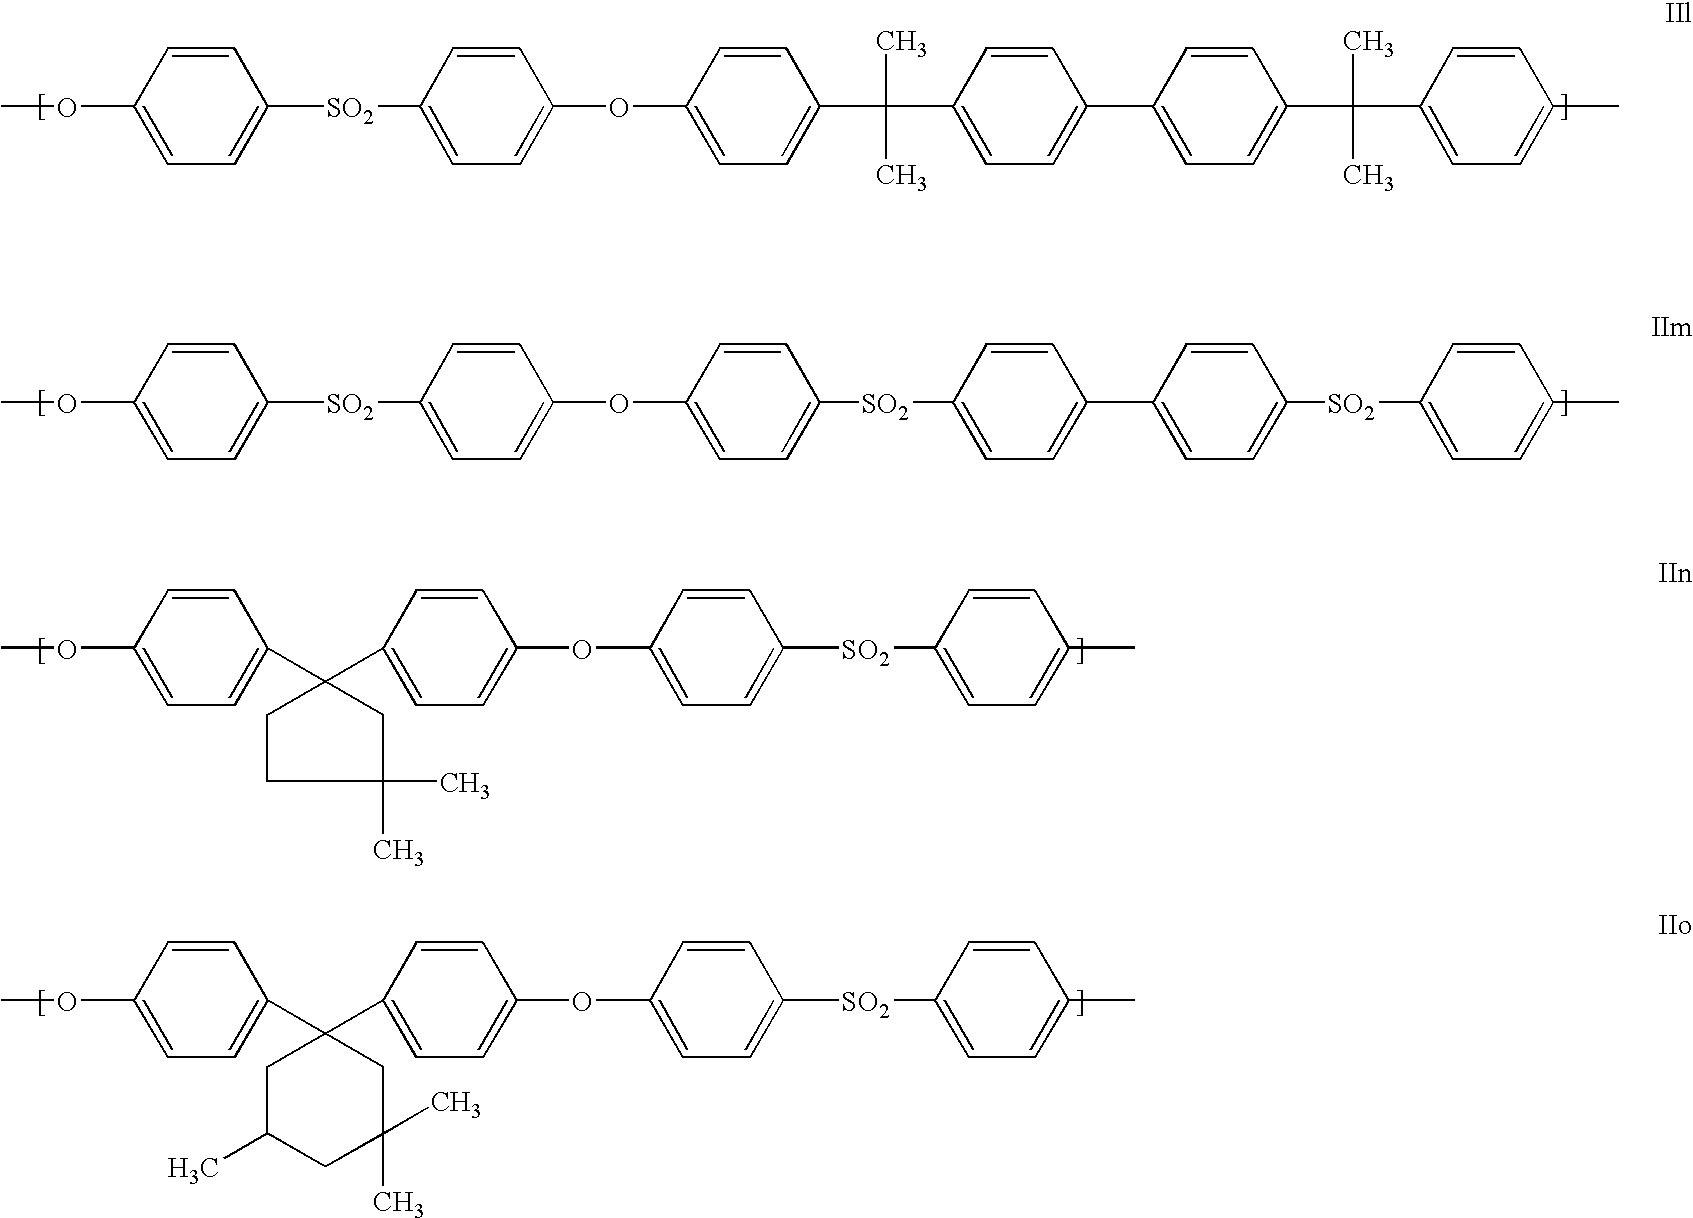 Figure US20100273953A1-20101028-C00006